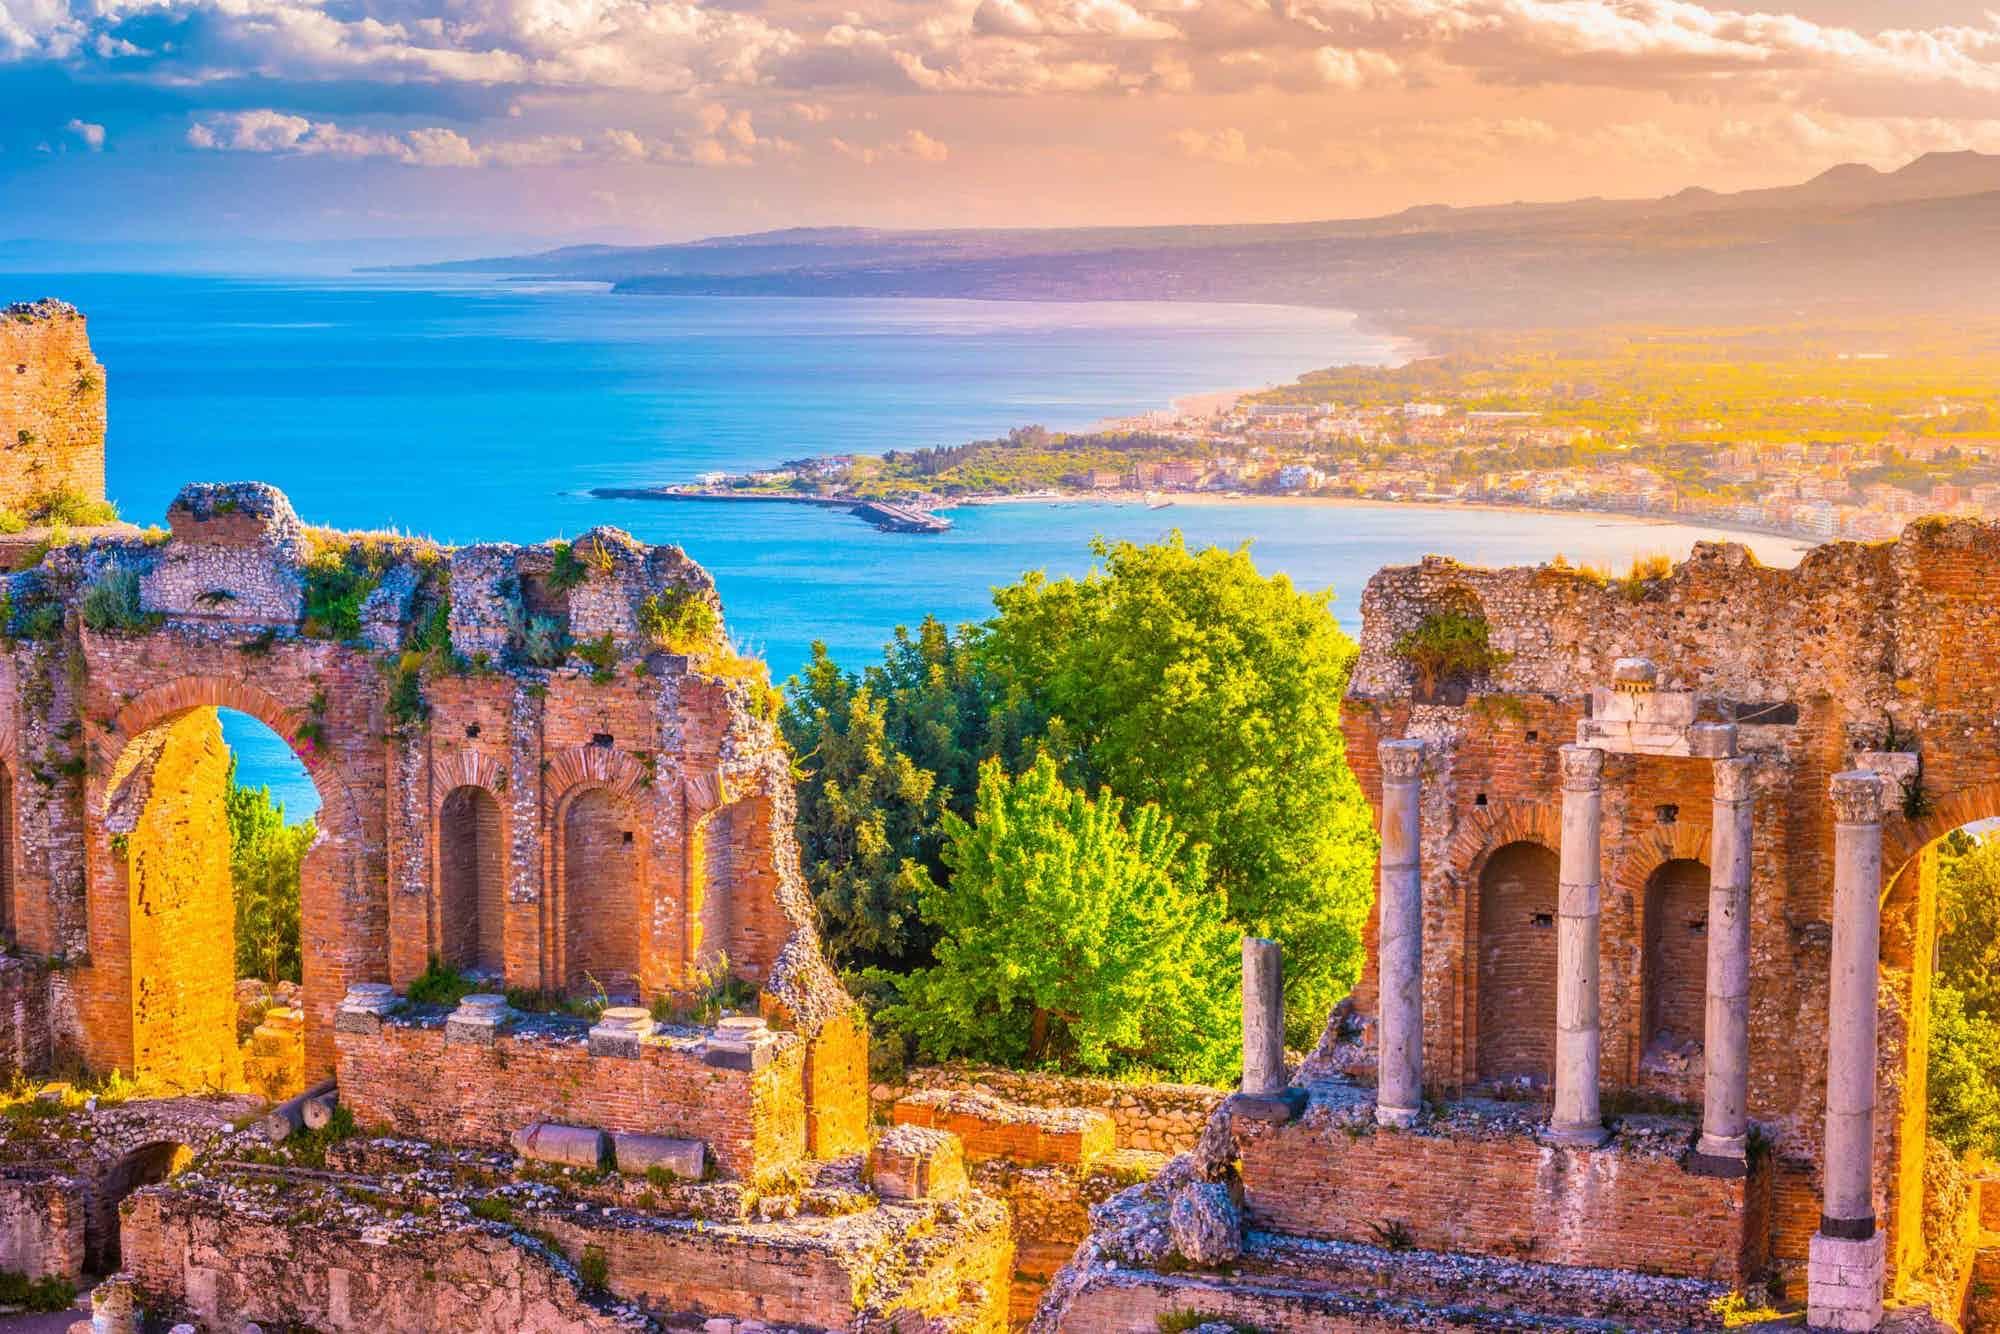 Alquiler autocaravanas Sicilia